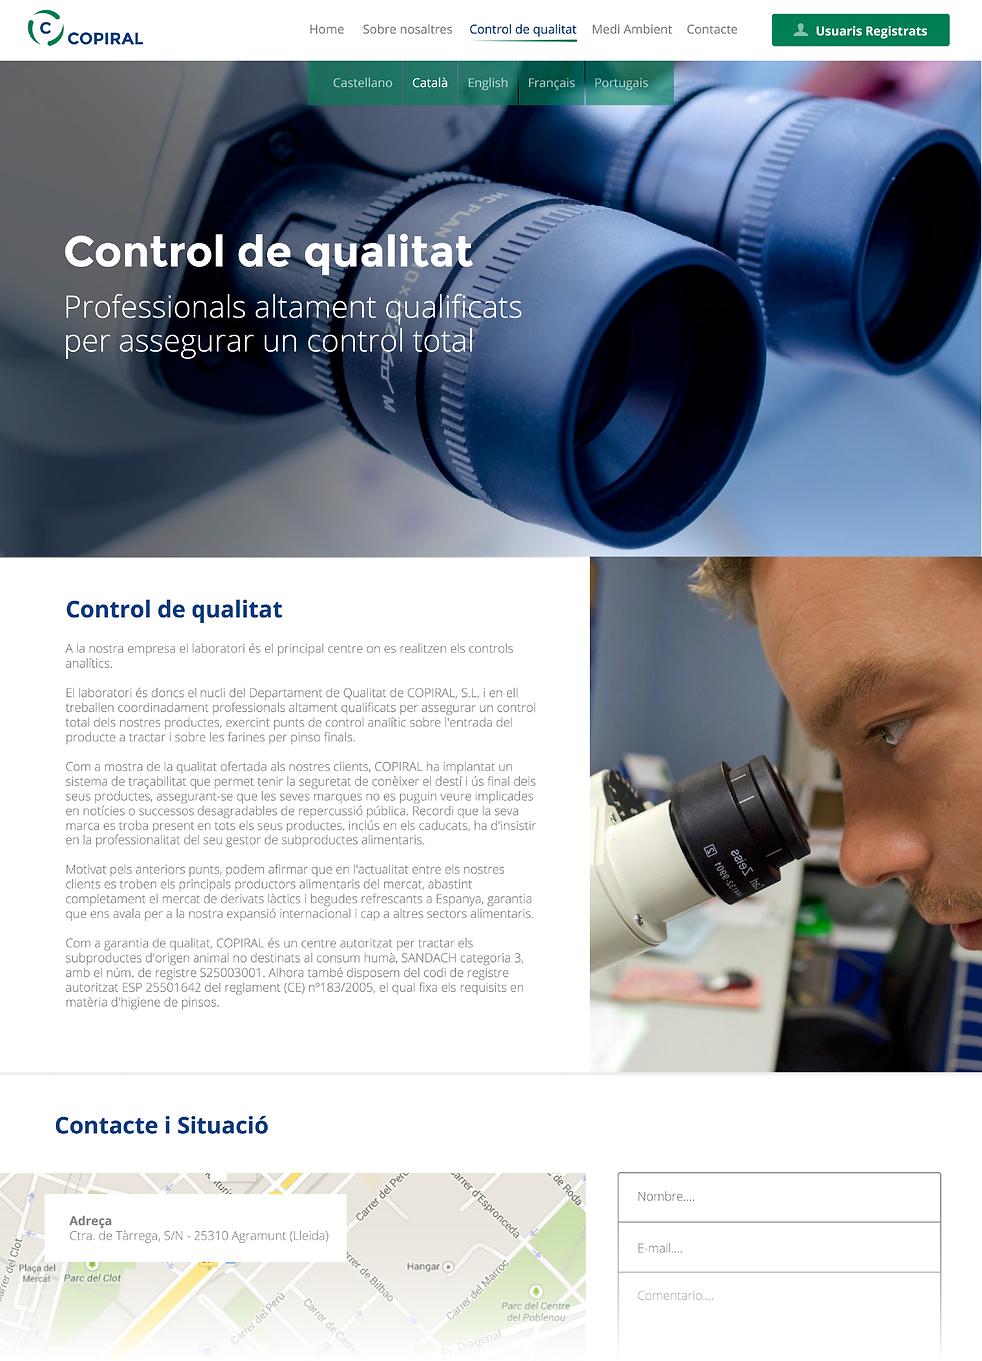 Copiral | Control de qualitat